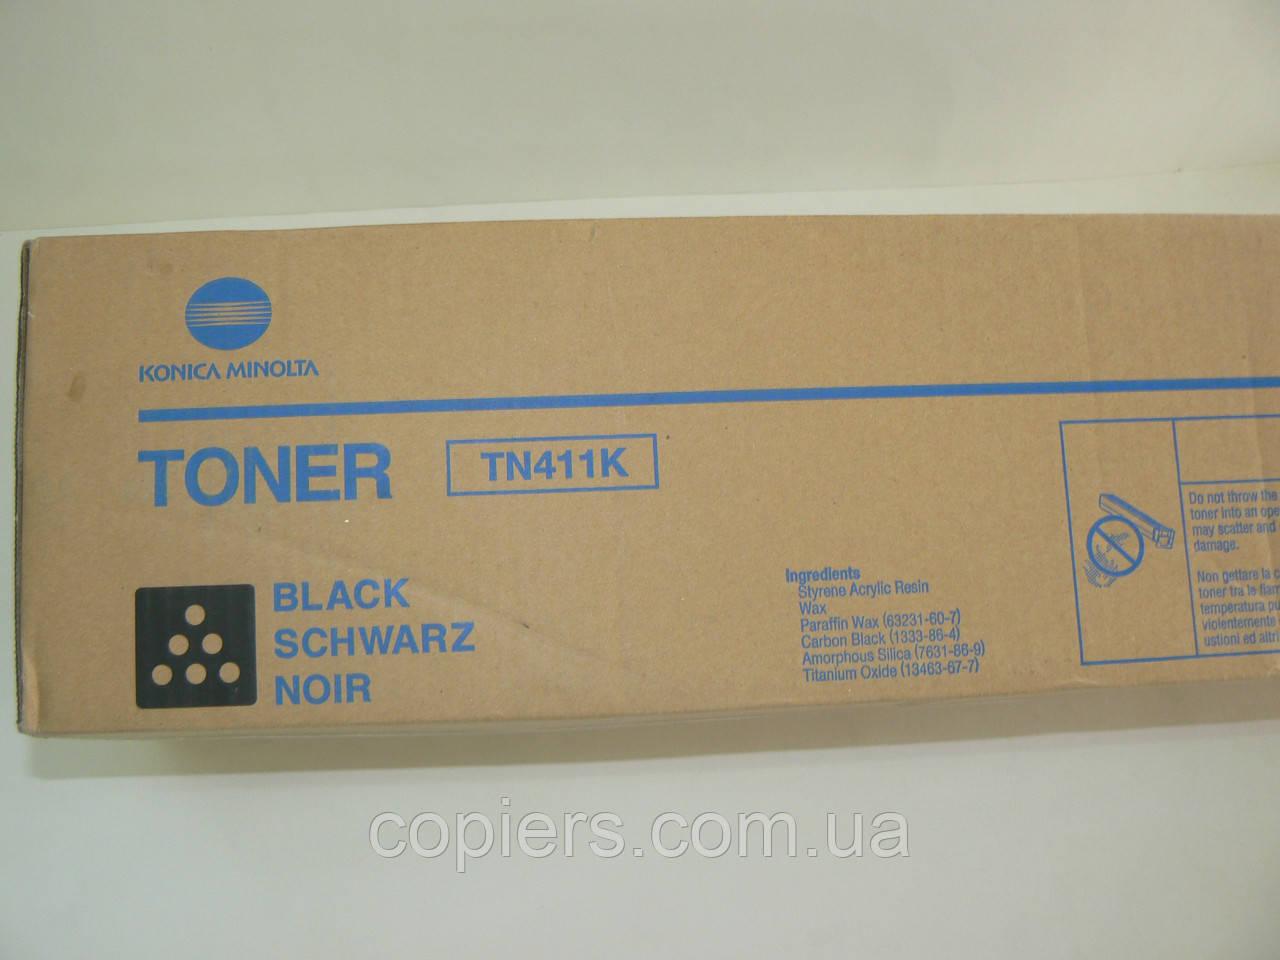 Toнер TN 411 K оригинальный